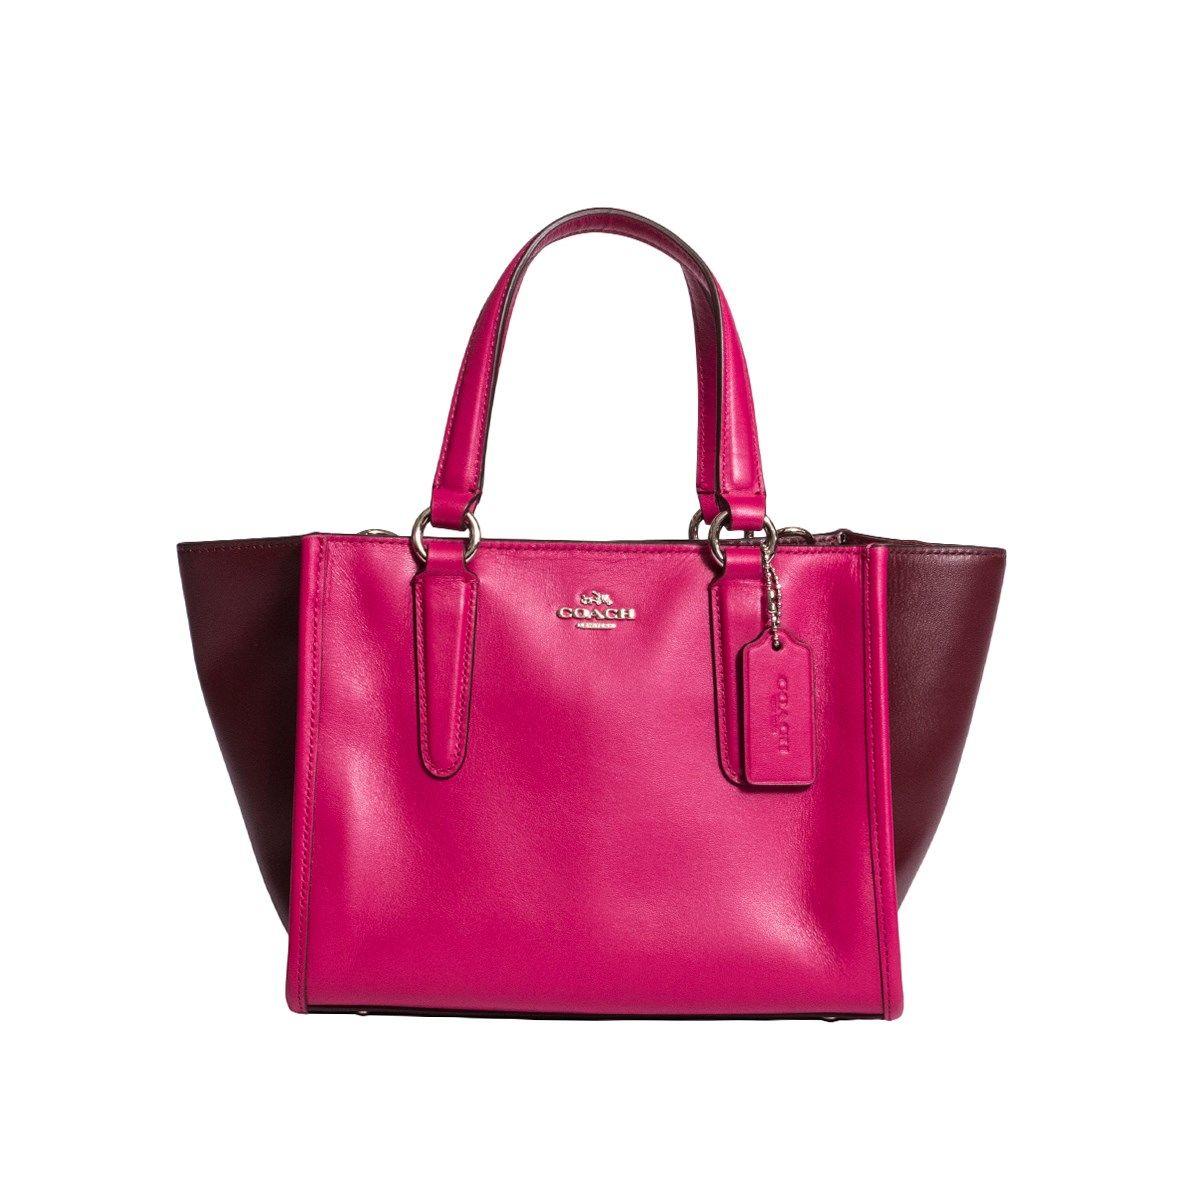 Multicolor Leather Handbag